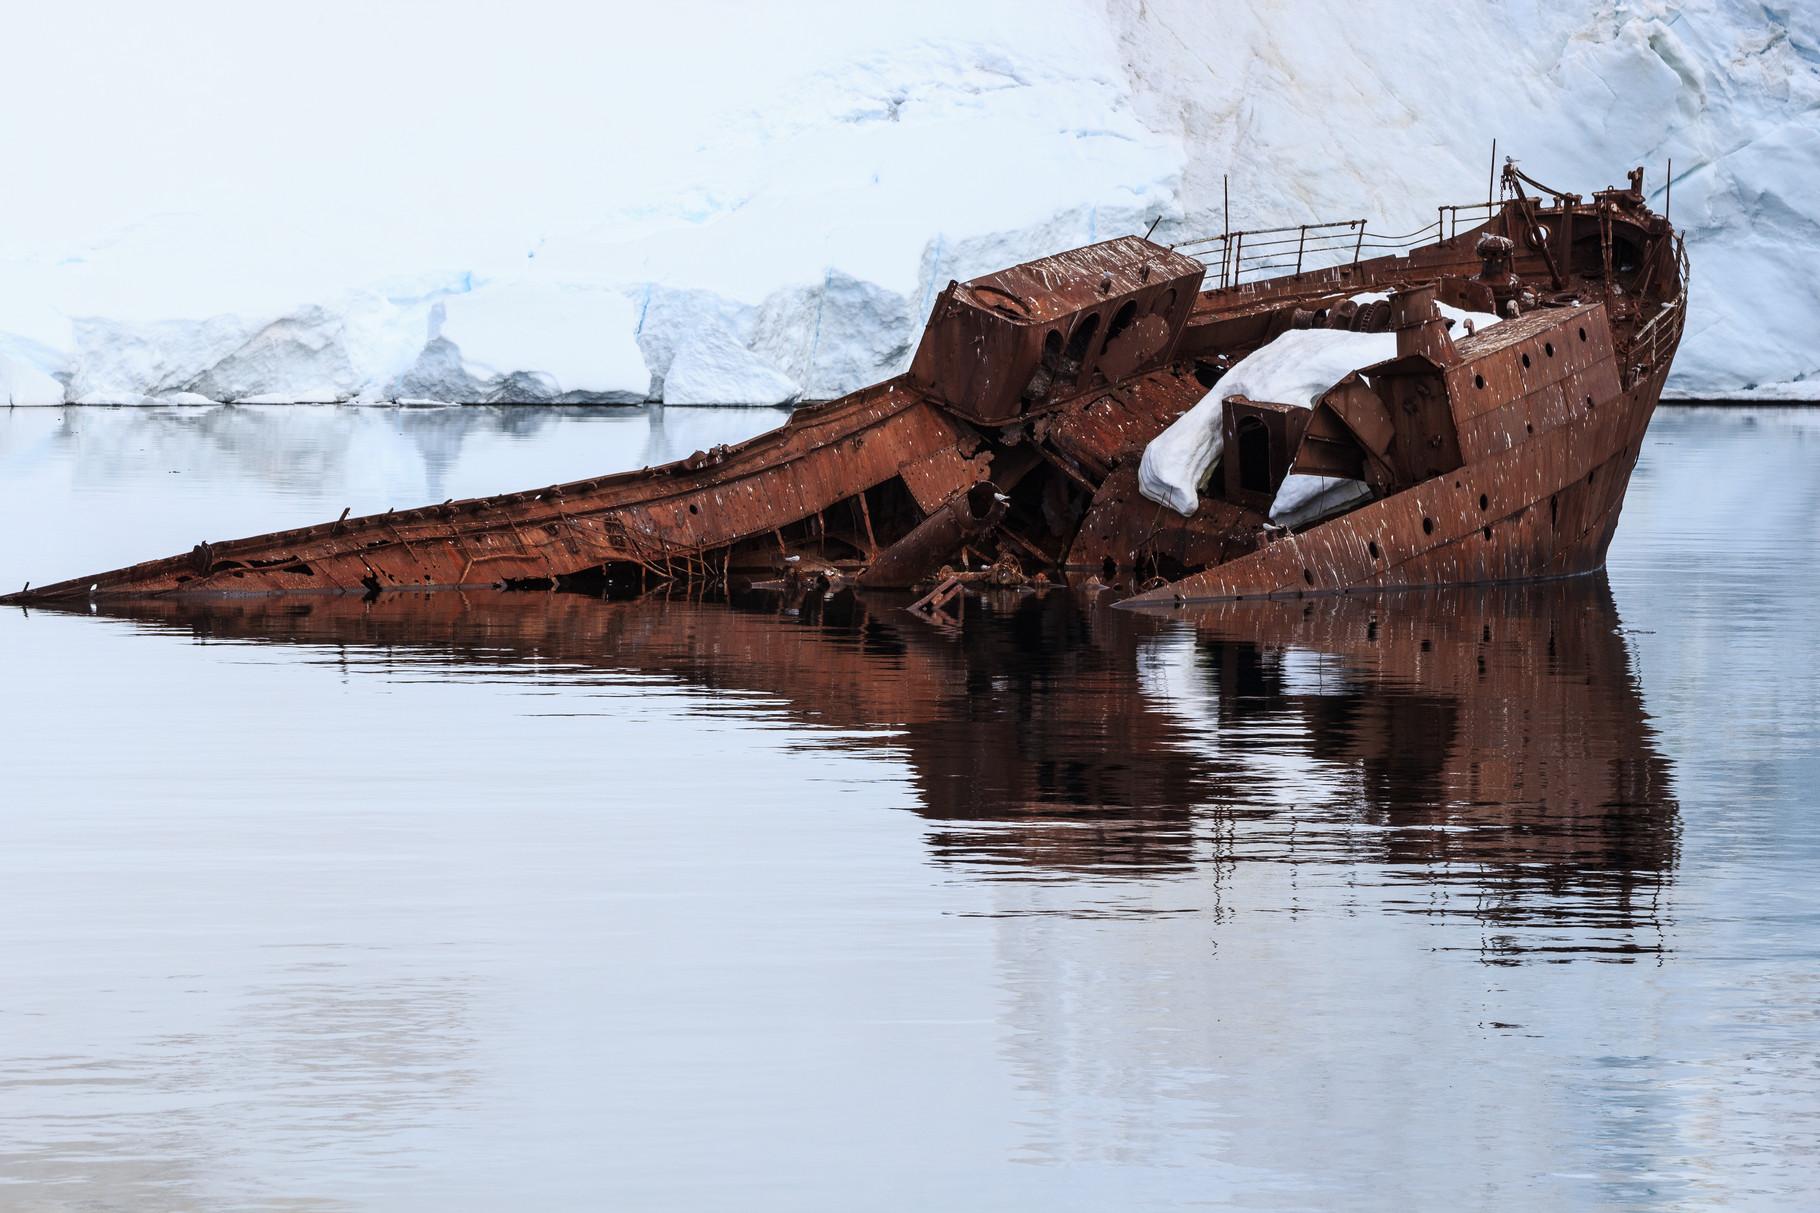 Segelreise mit der Bark Europa in die Antarktis: Foyn Harbour, Gouvernoren Shipwreck